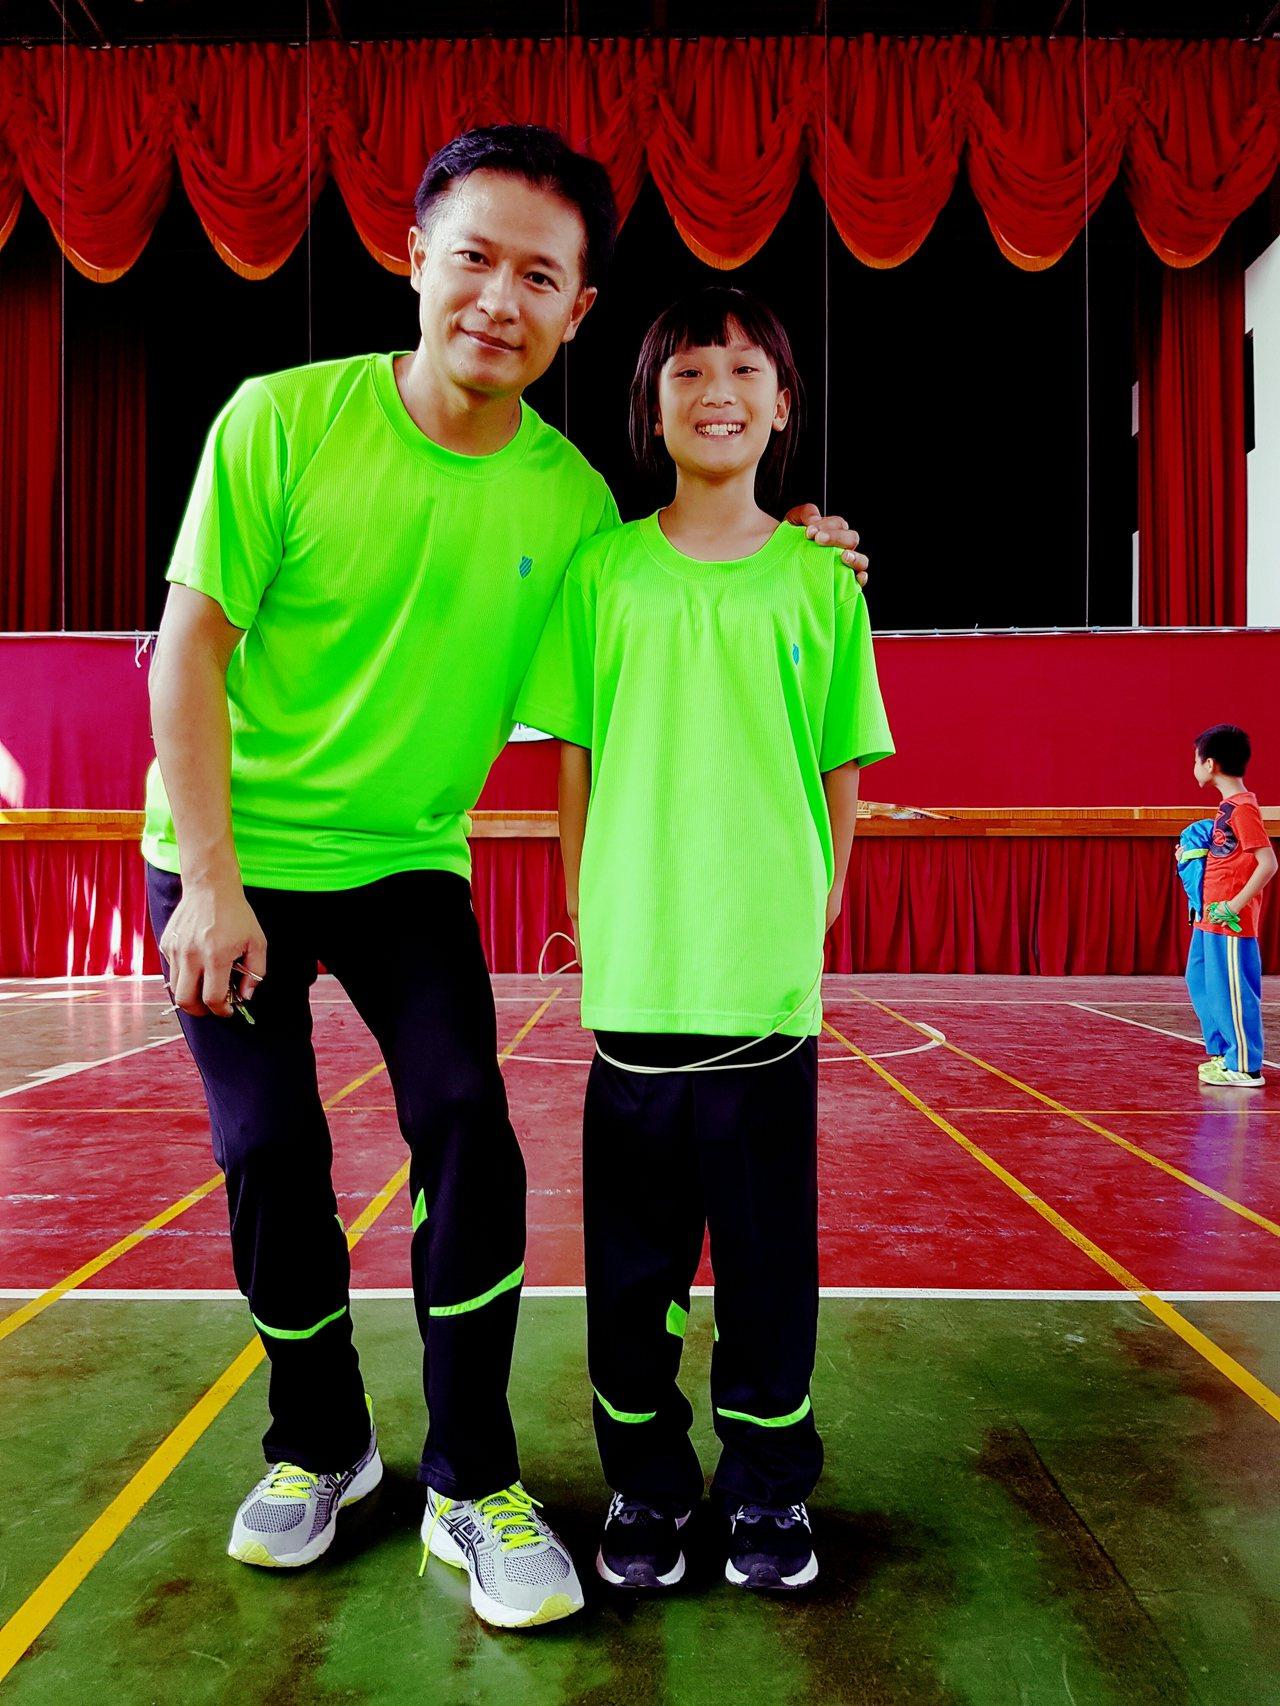 竹林國小跳繩隊教練林惠群(左)重返母校傳授技藝,學生陳貞(右)獲得個人花式比賽第...